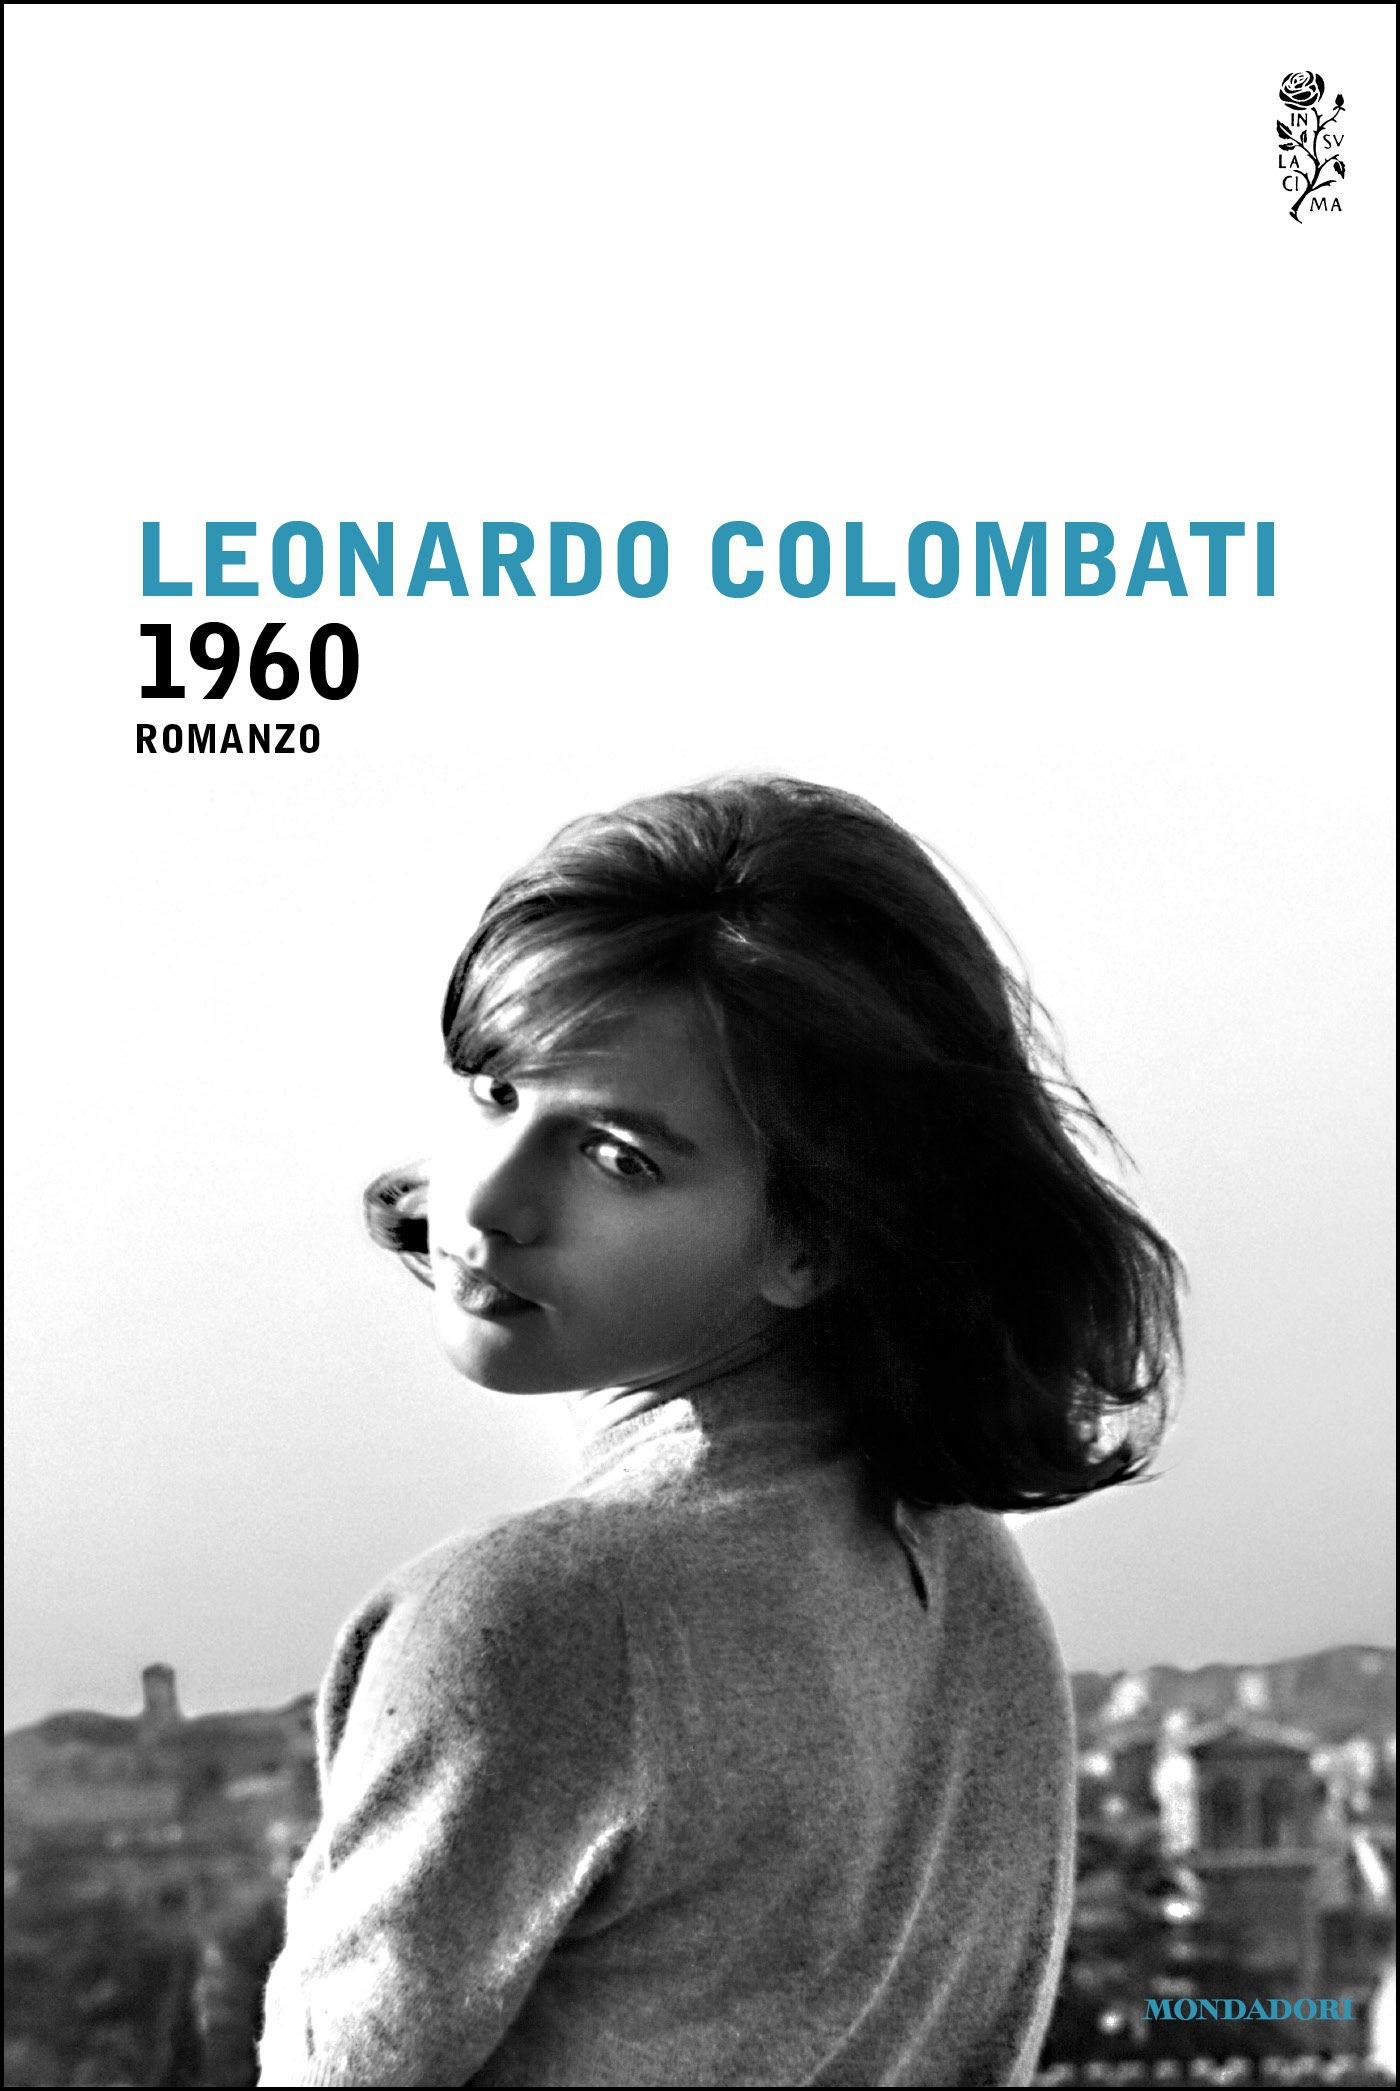 copertina libro 1960